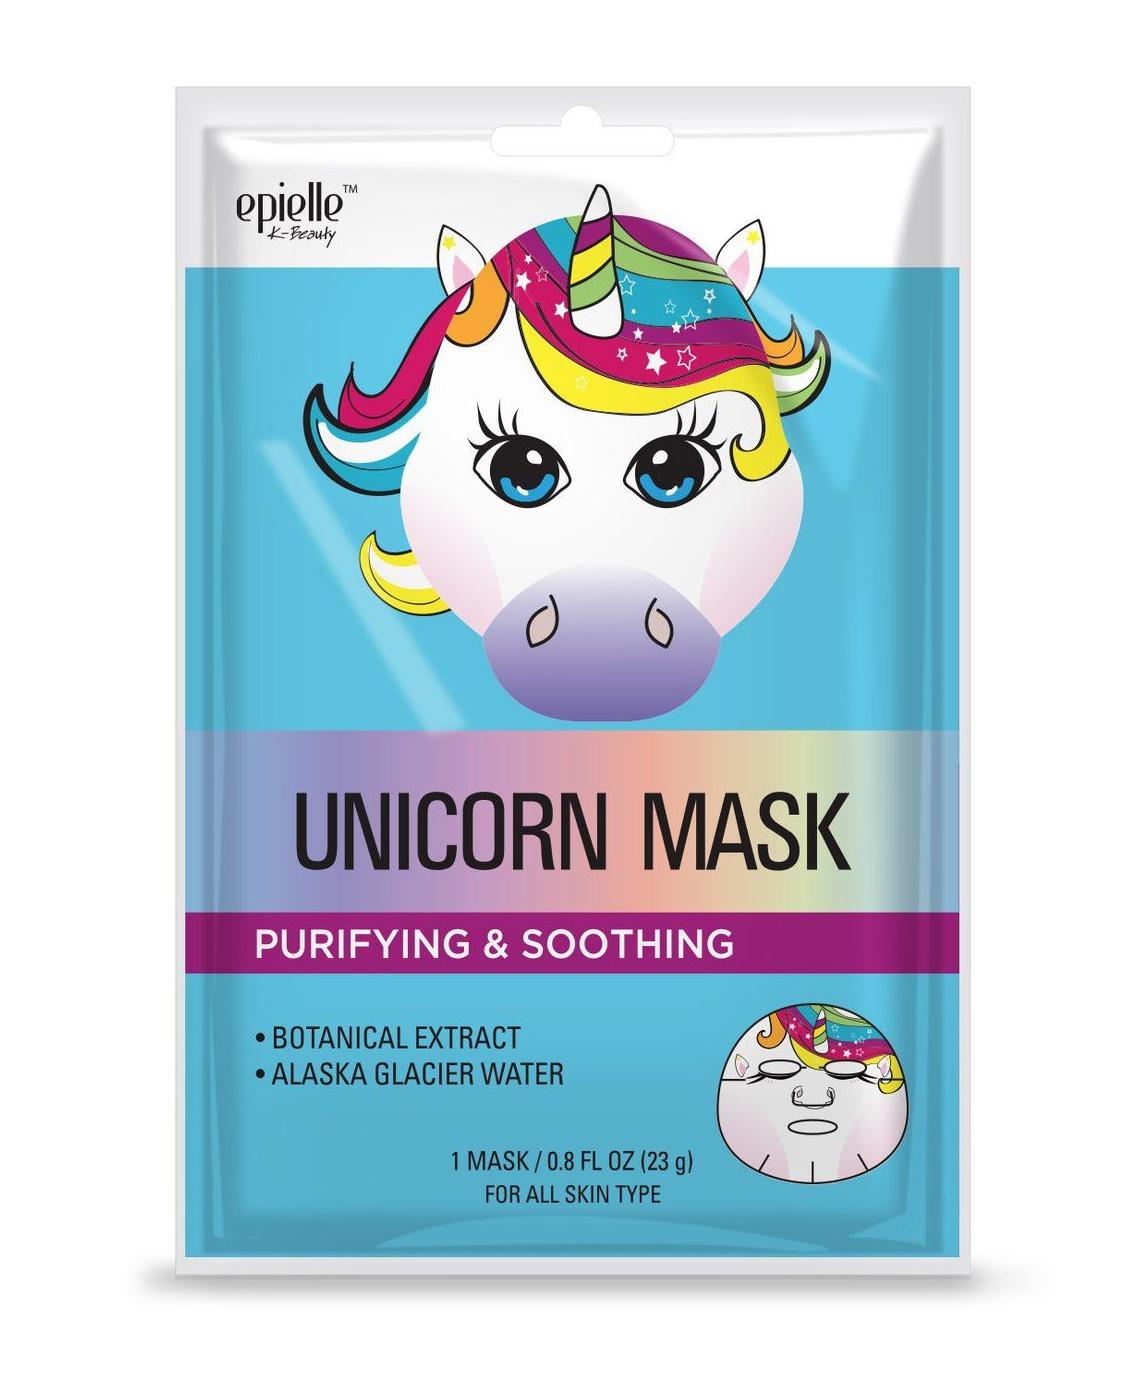 Epielle Unicorn Mask